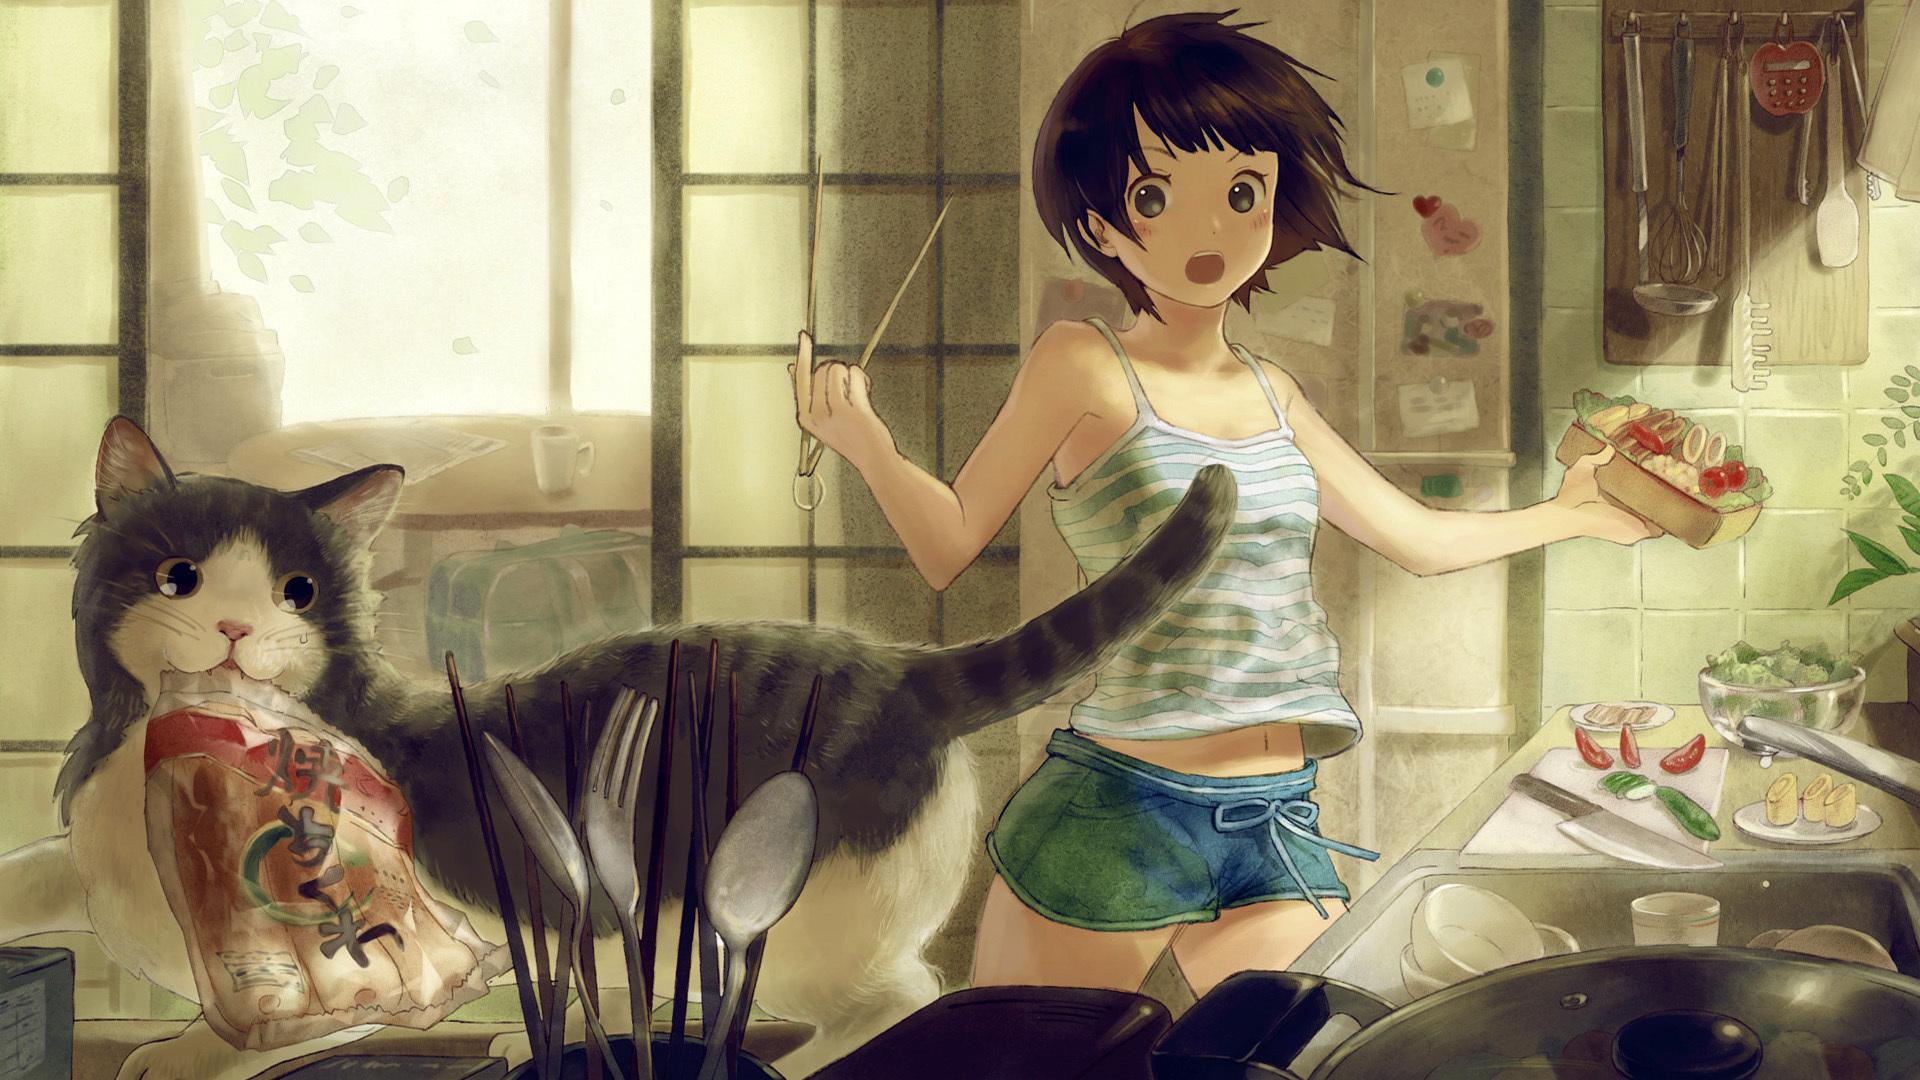 Anime Cute Wallpaper 1920x1080 Anime Cute 1920x1080